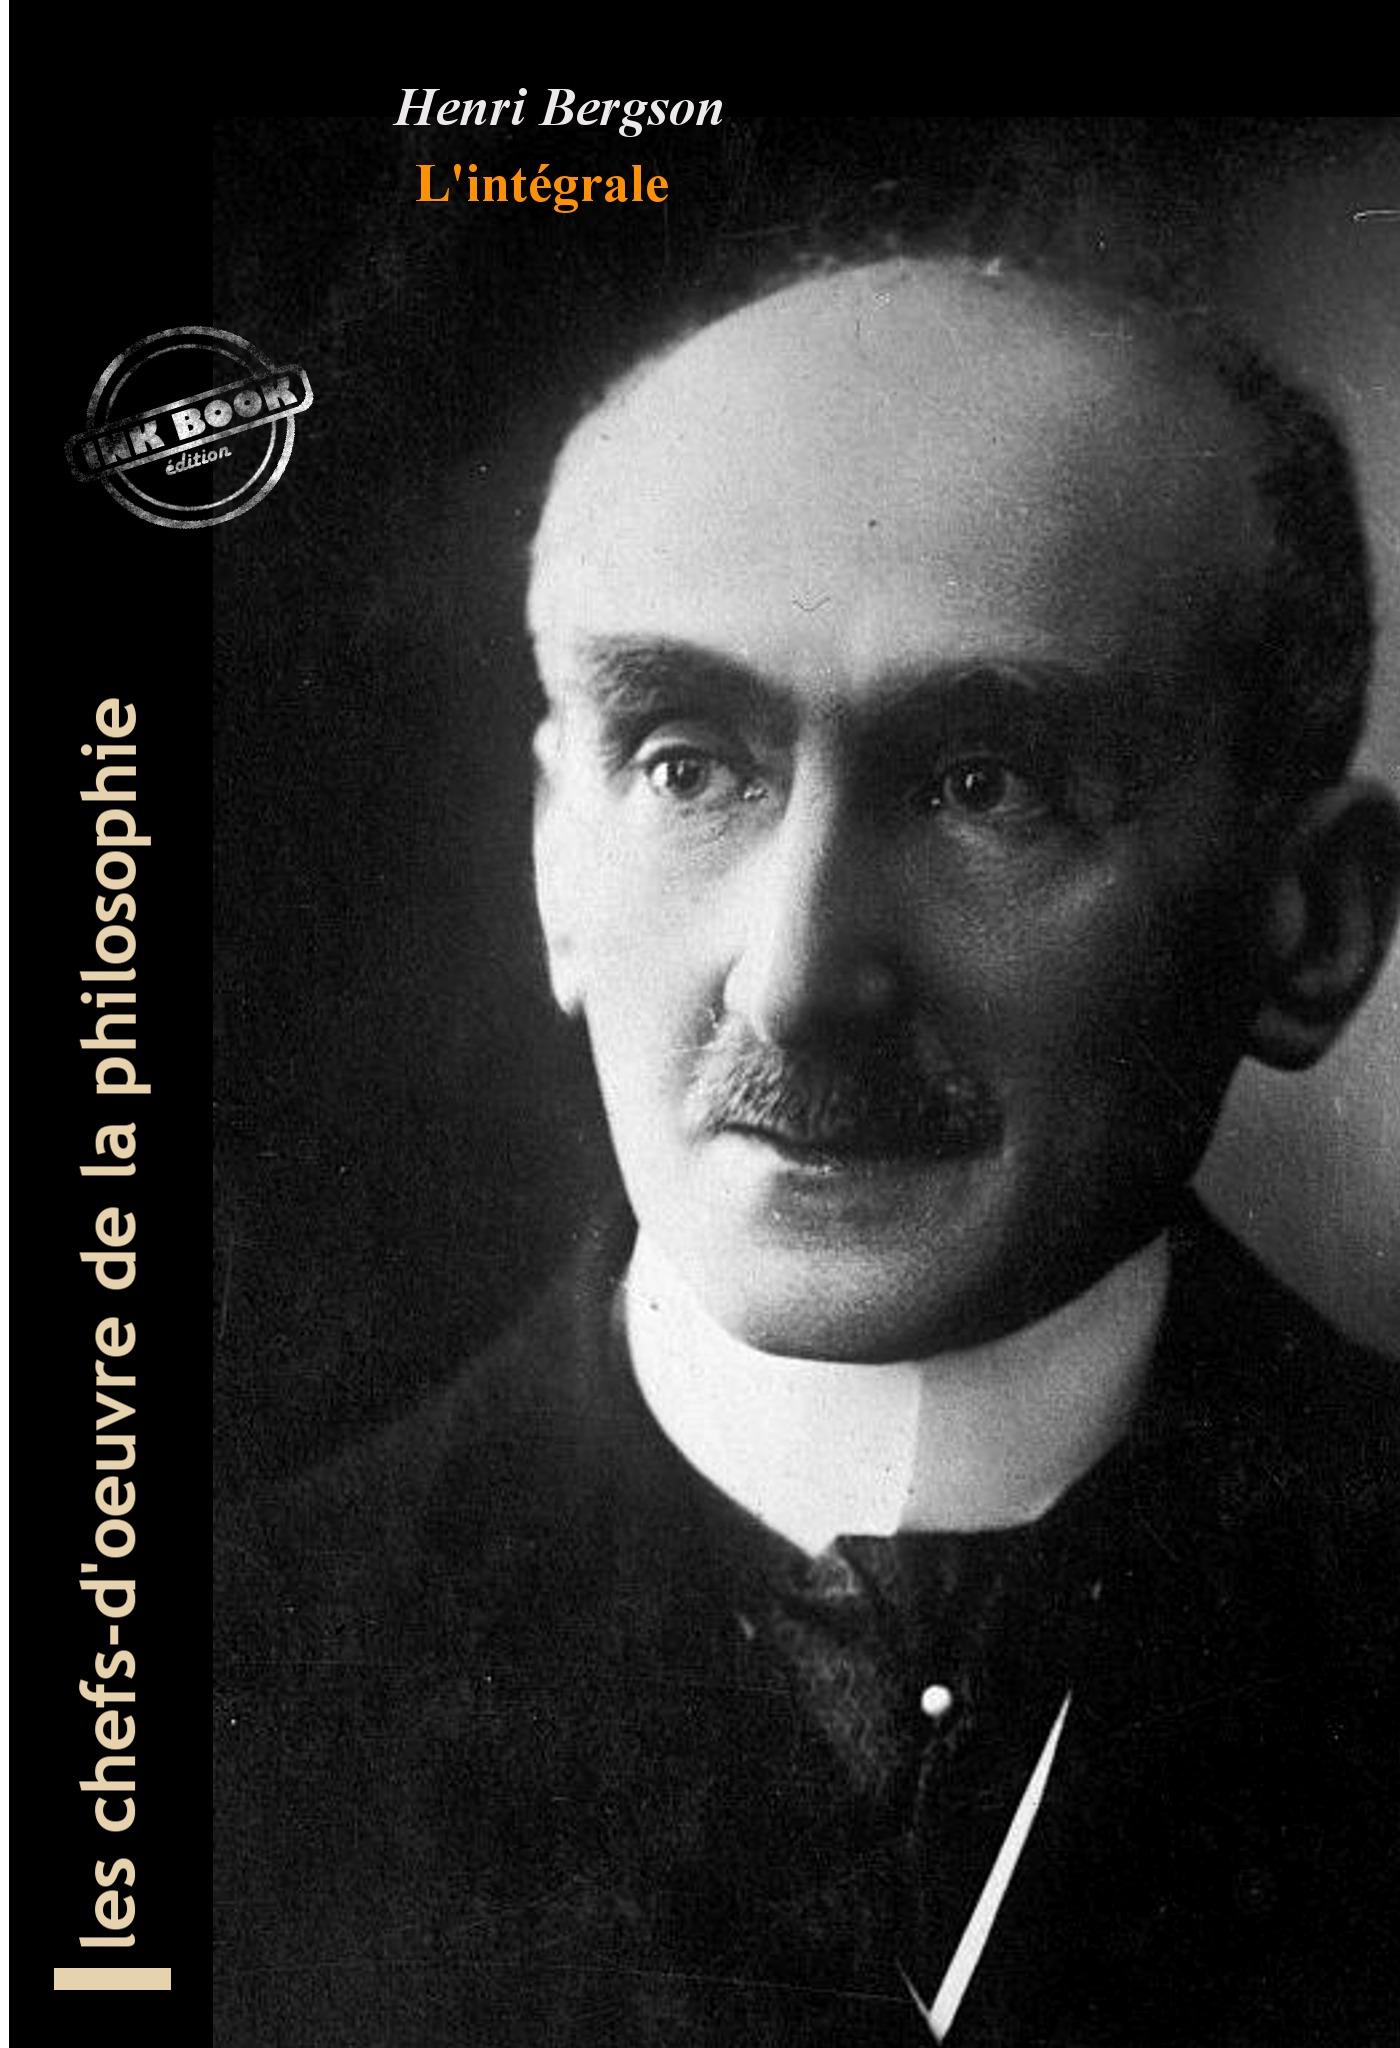 Henri Bergson l'intégrale : OEuvres complètes, 14 titres et annexes enrichies (Format professionnel